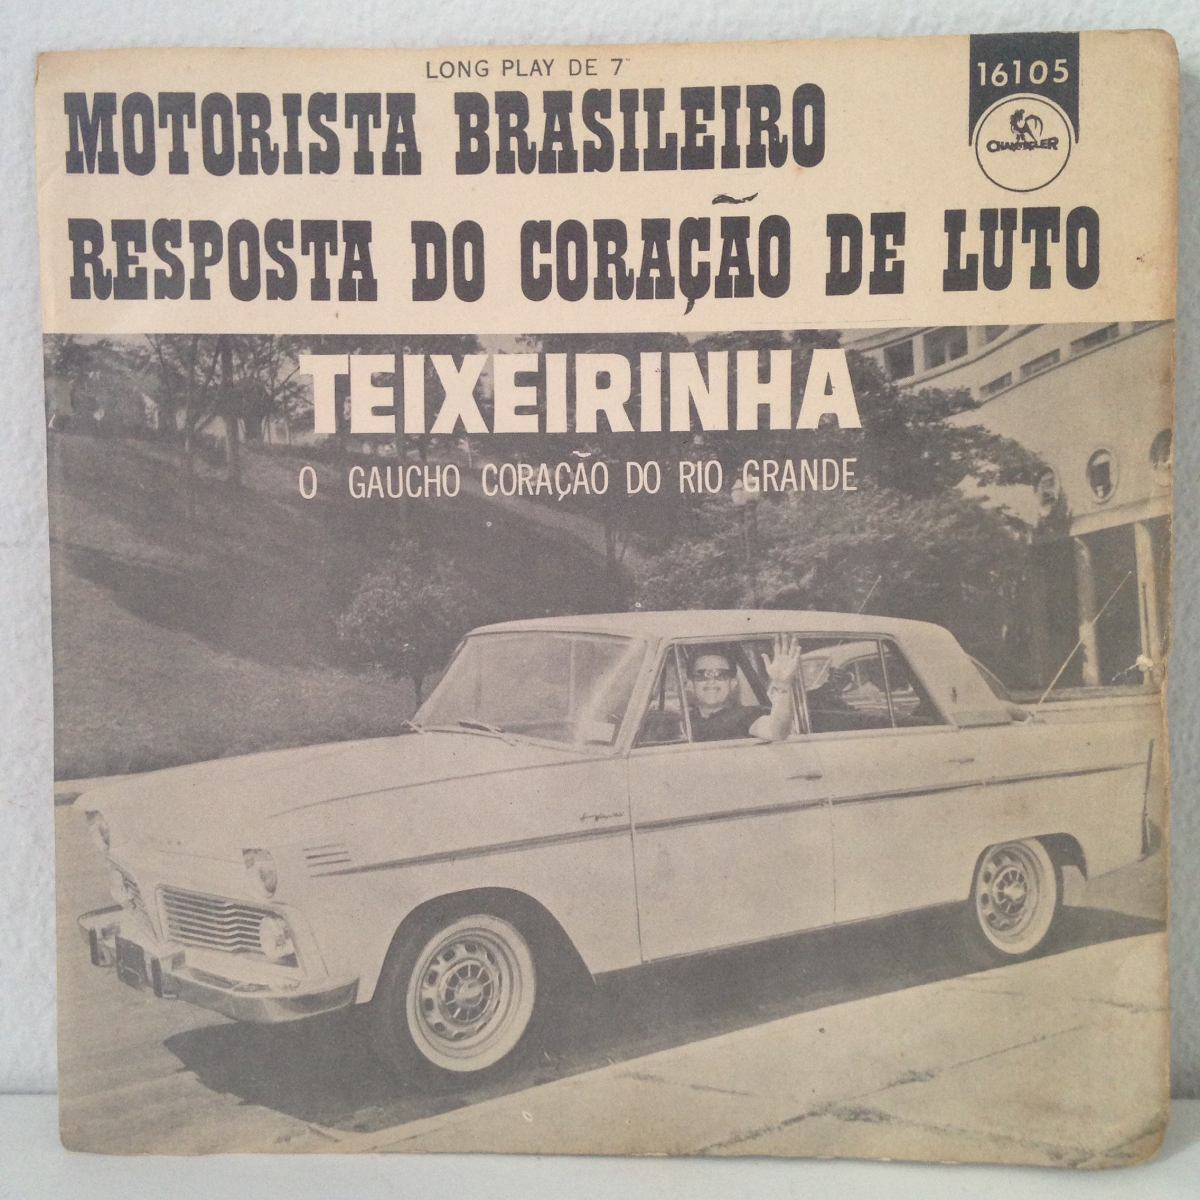 teixeirinha motorista brasileiro